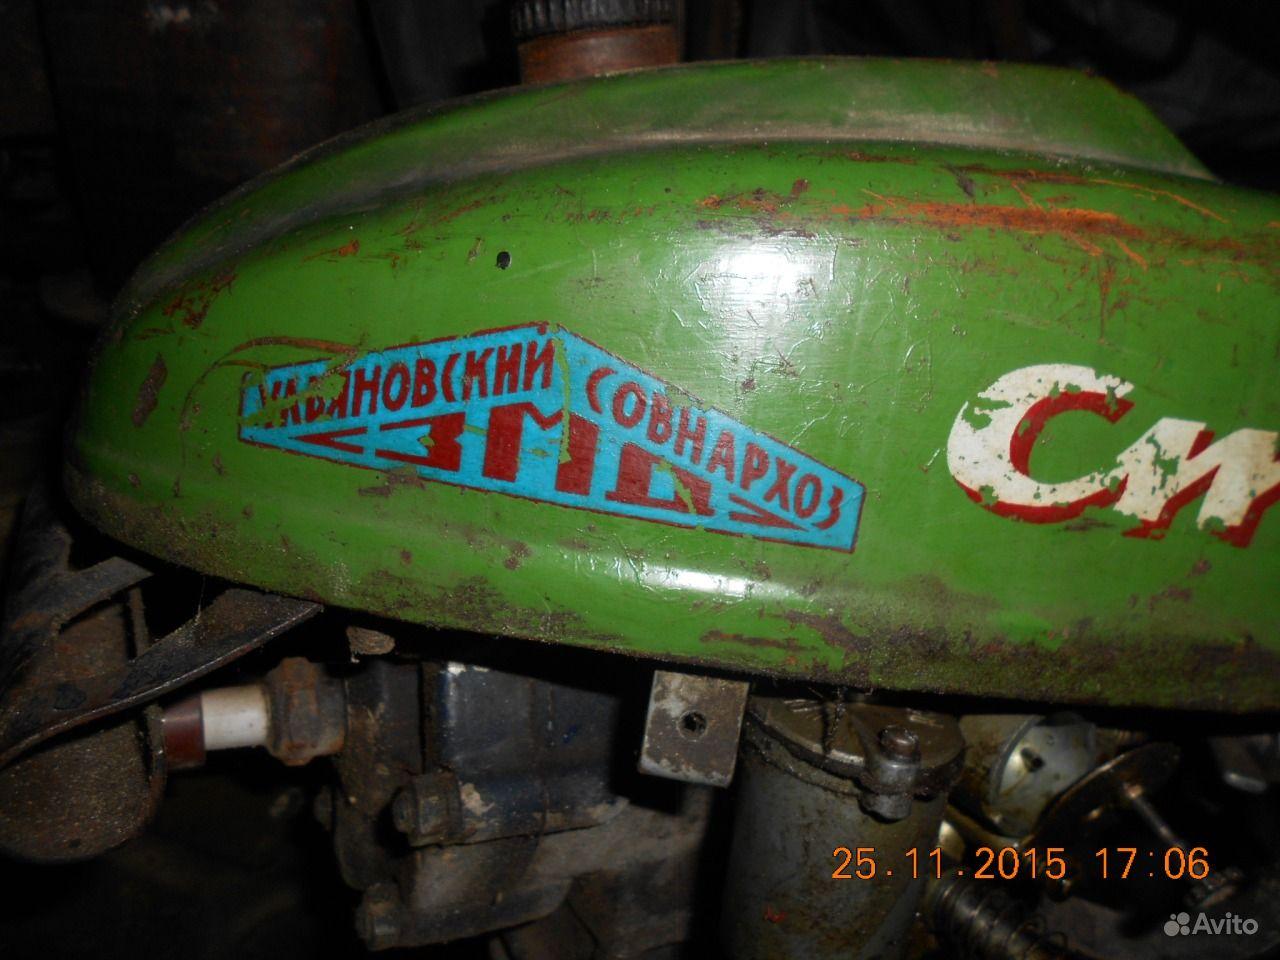 бу лодочные моторы на авито в россии с пробегом